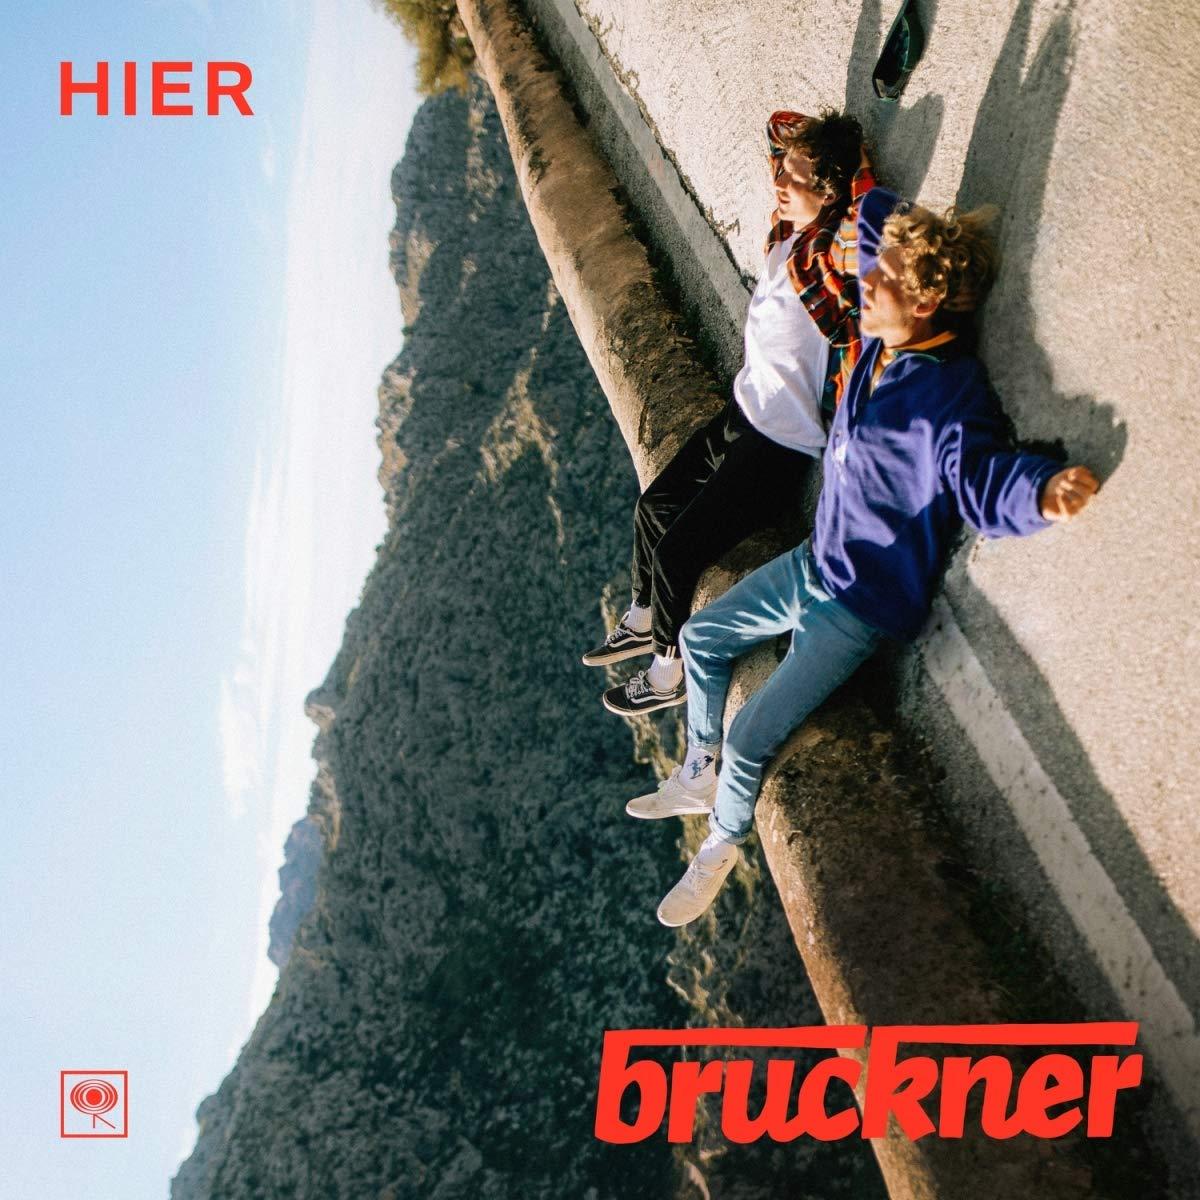 Bruckner | Hier